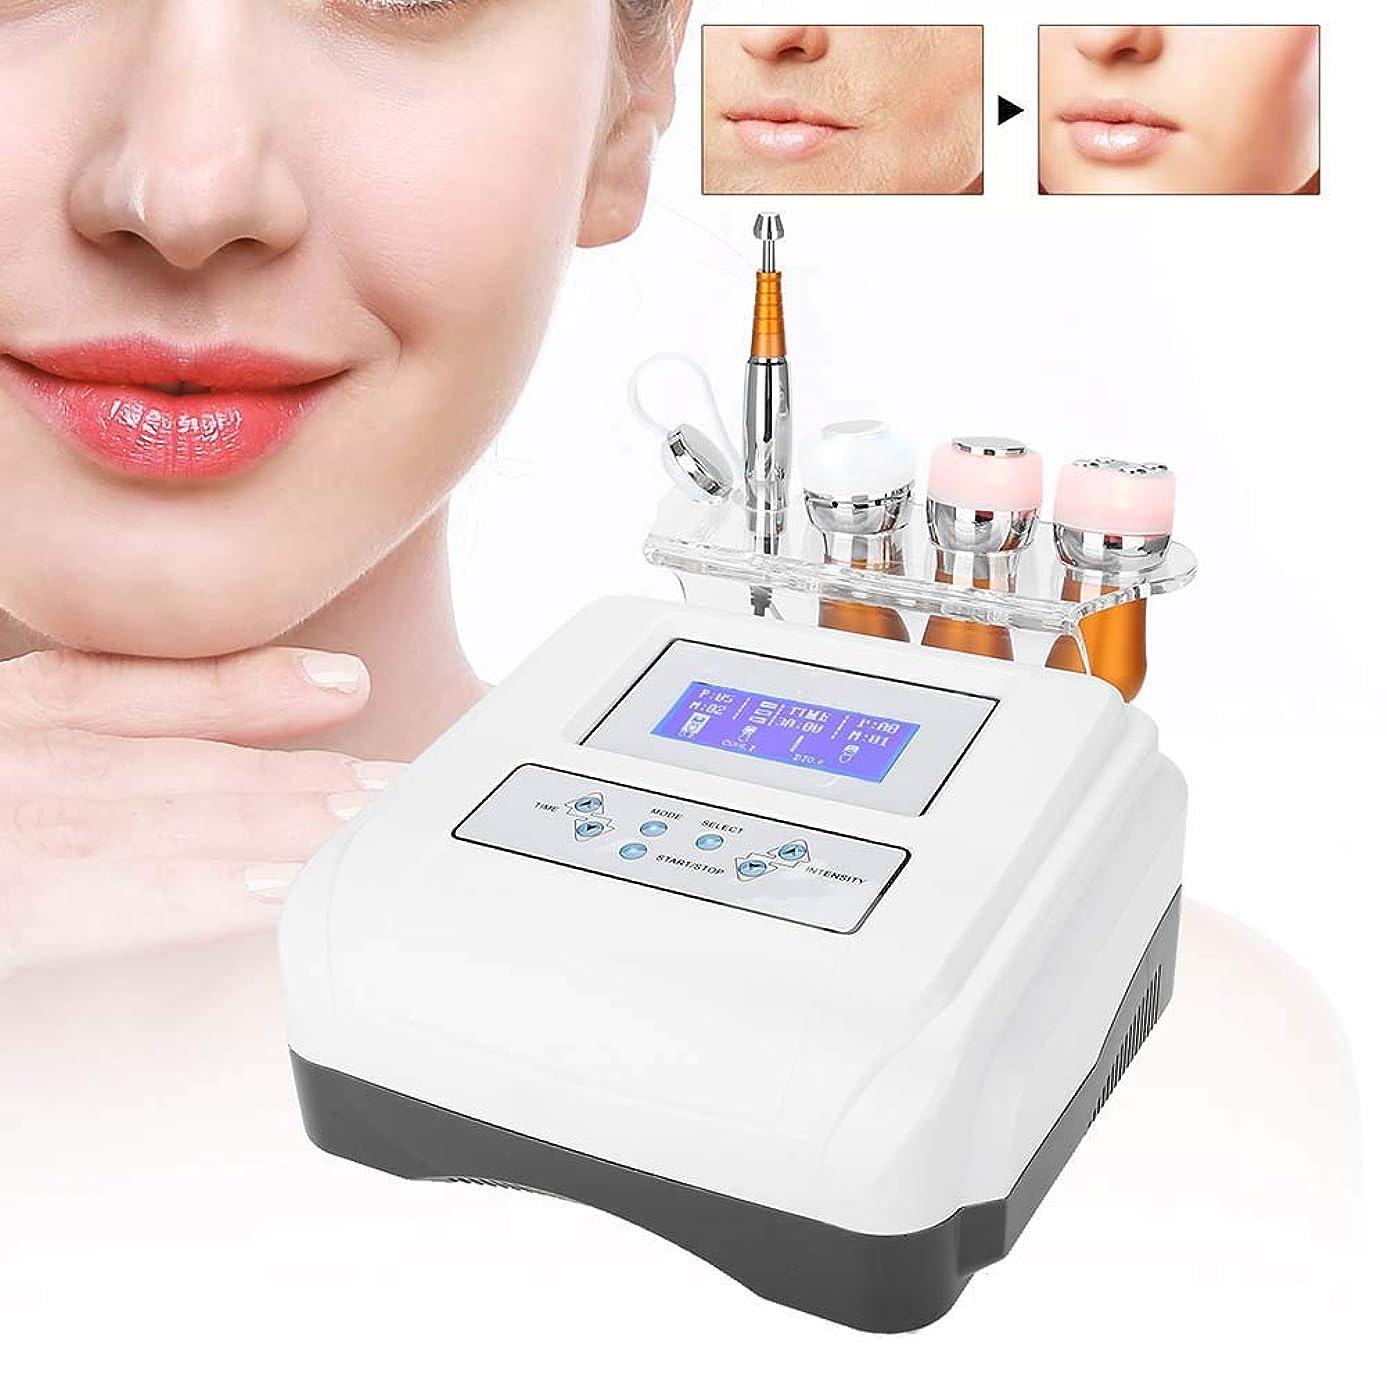 悲観主義者雑草駐地多機能顔美容機、若返り肌アンチエイジングリフトスキンのための高周波肌引き締め冷凍美容デバイス、アイバッグとアイサークル(01)